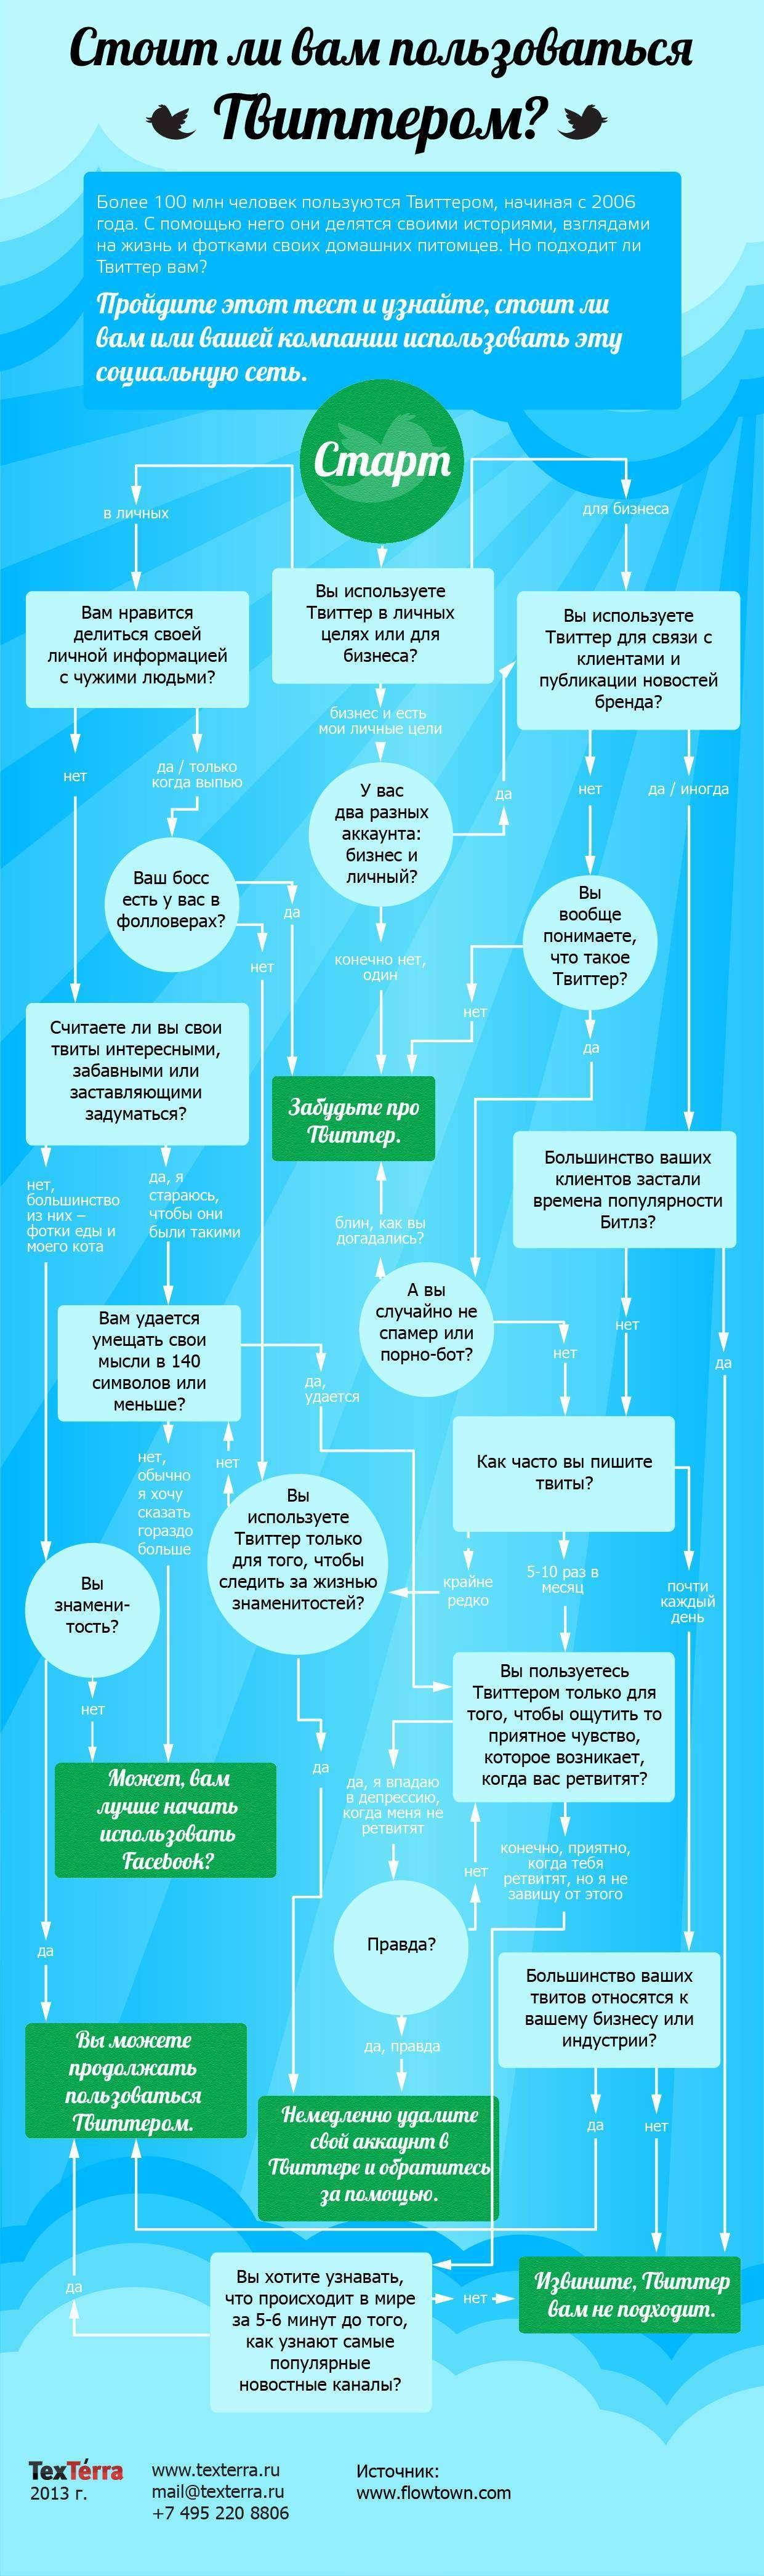 Варто Вам користуватися Твіттером? (Інфографіка)